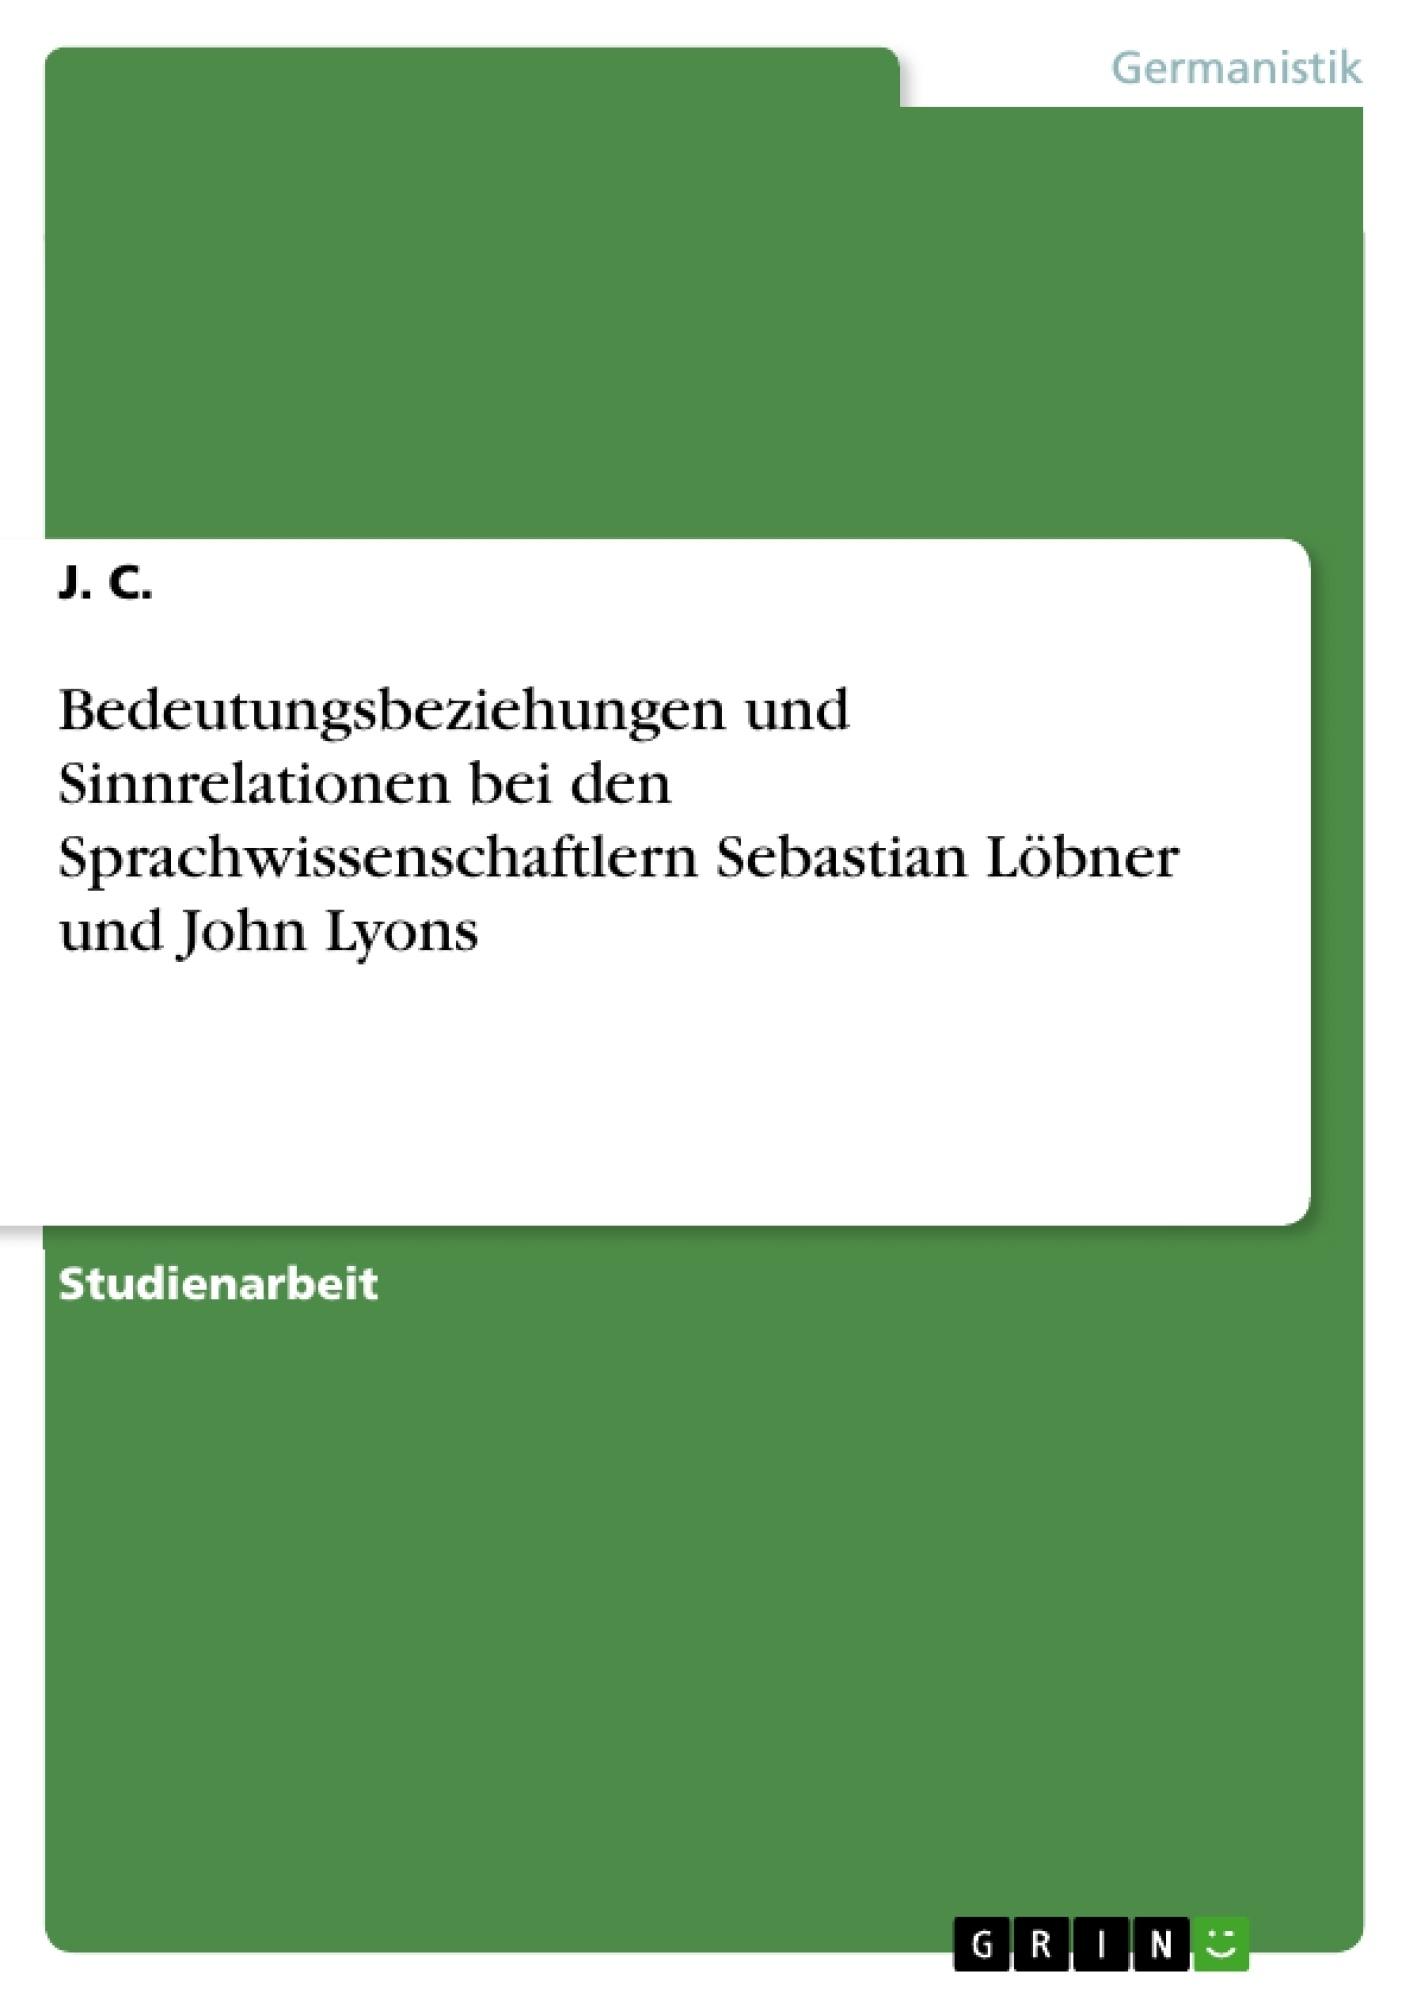 Titel: Bedeutungsbeziehungen und Sinnrelationen bei den Sprachwissenschaftlern Sebastian Löbner und John Lyons